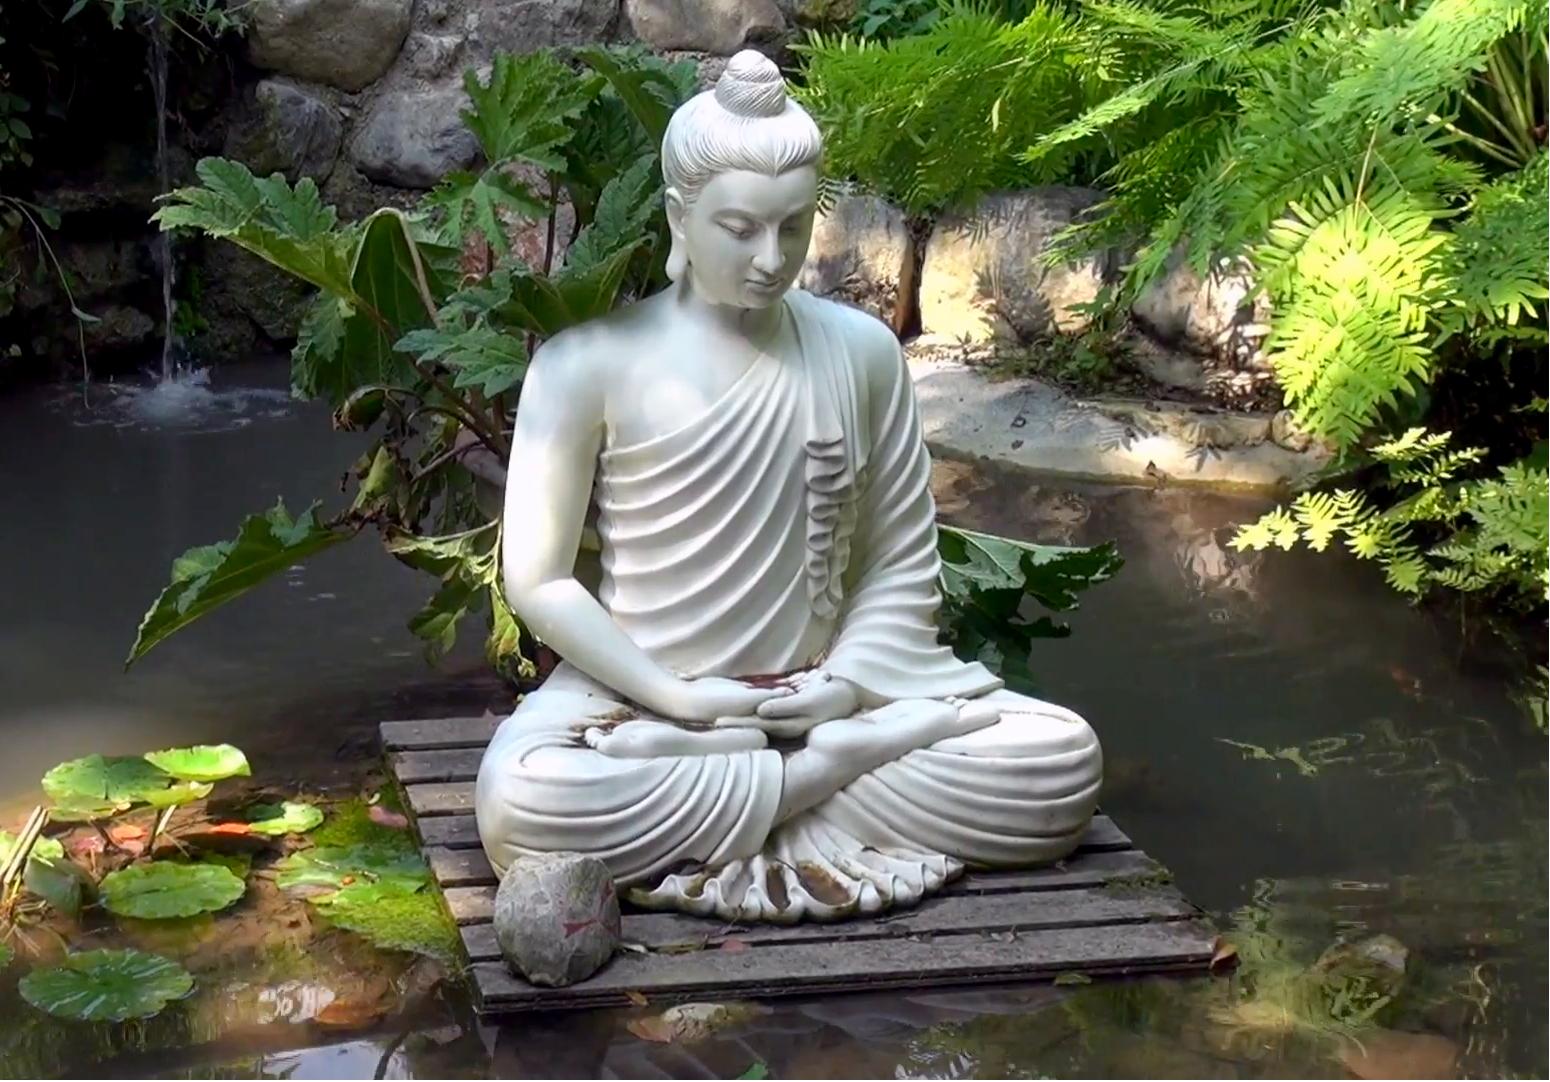 Foredrag, Workshop og Samvær: Indre frigørelse gennem meditation